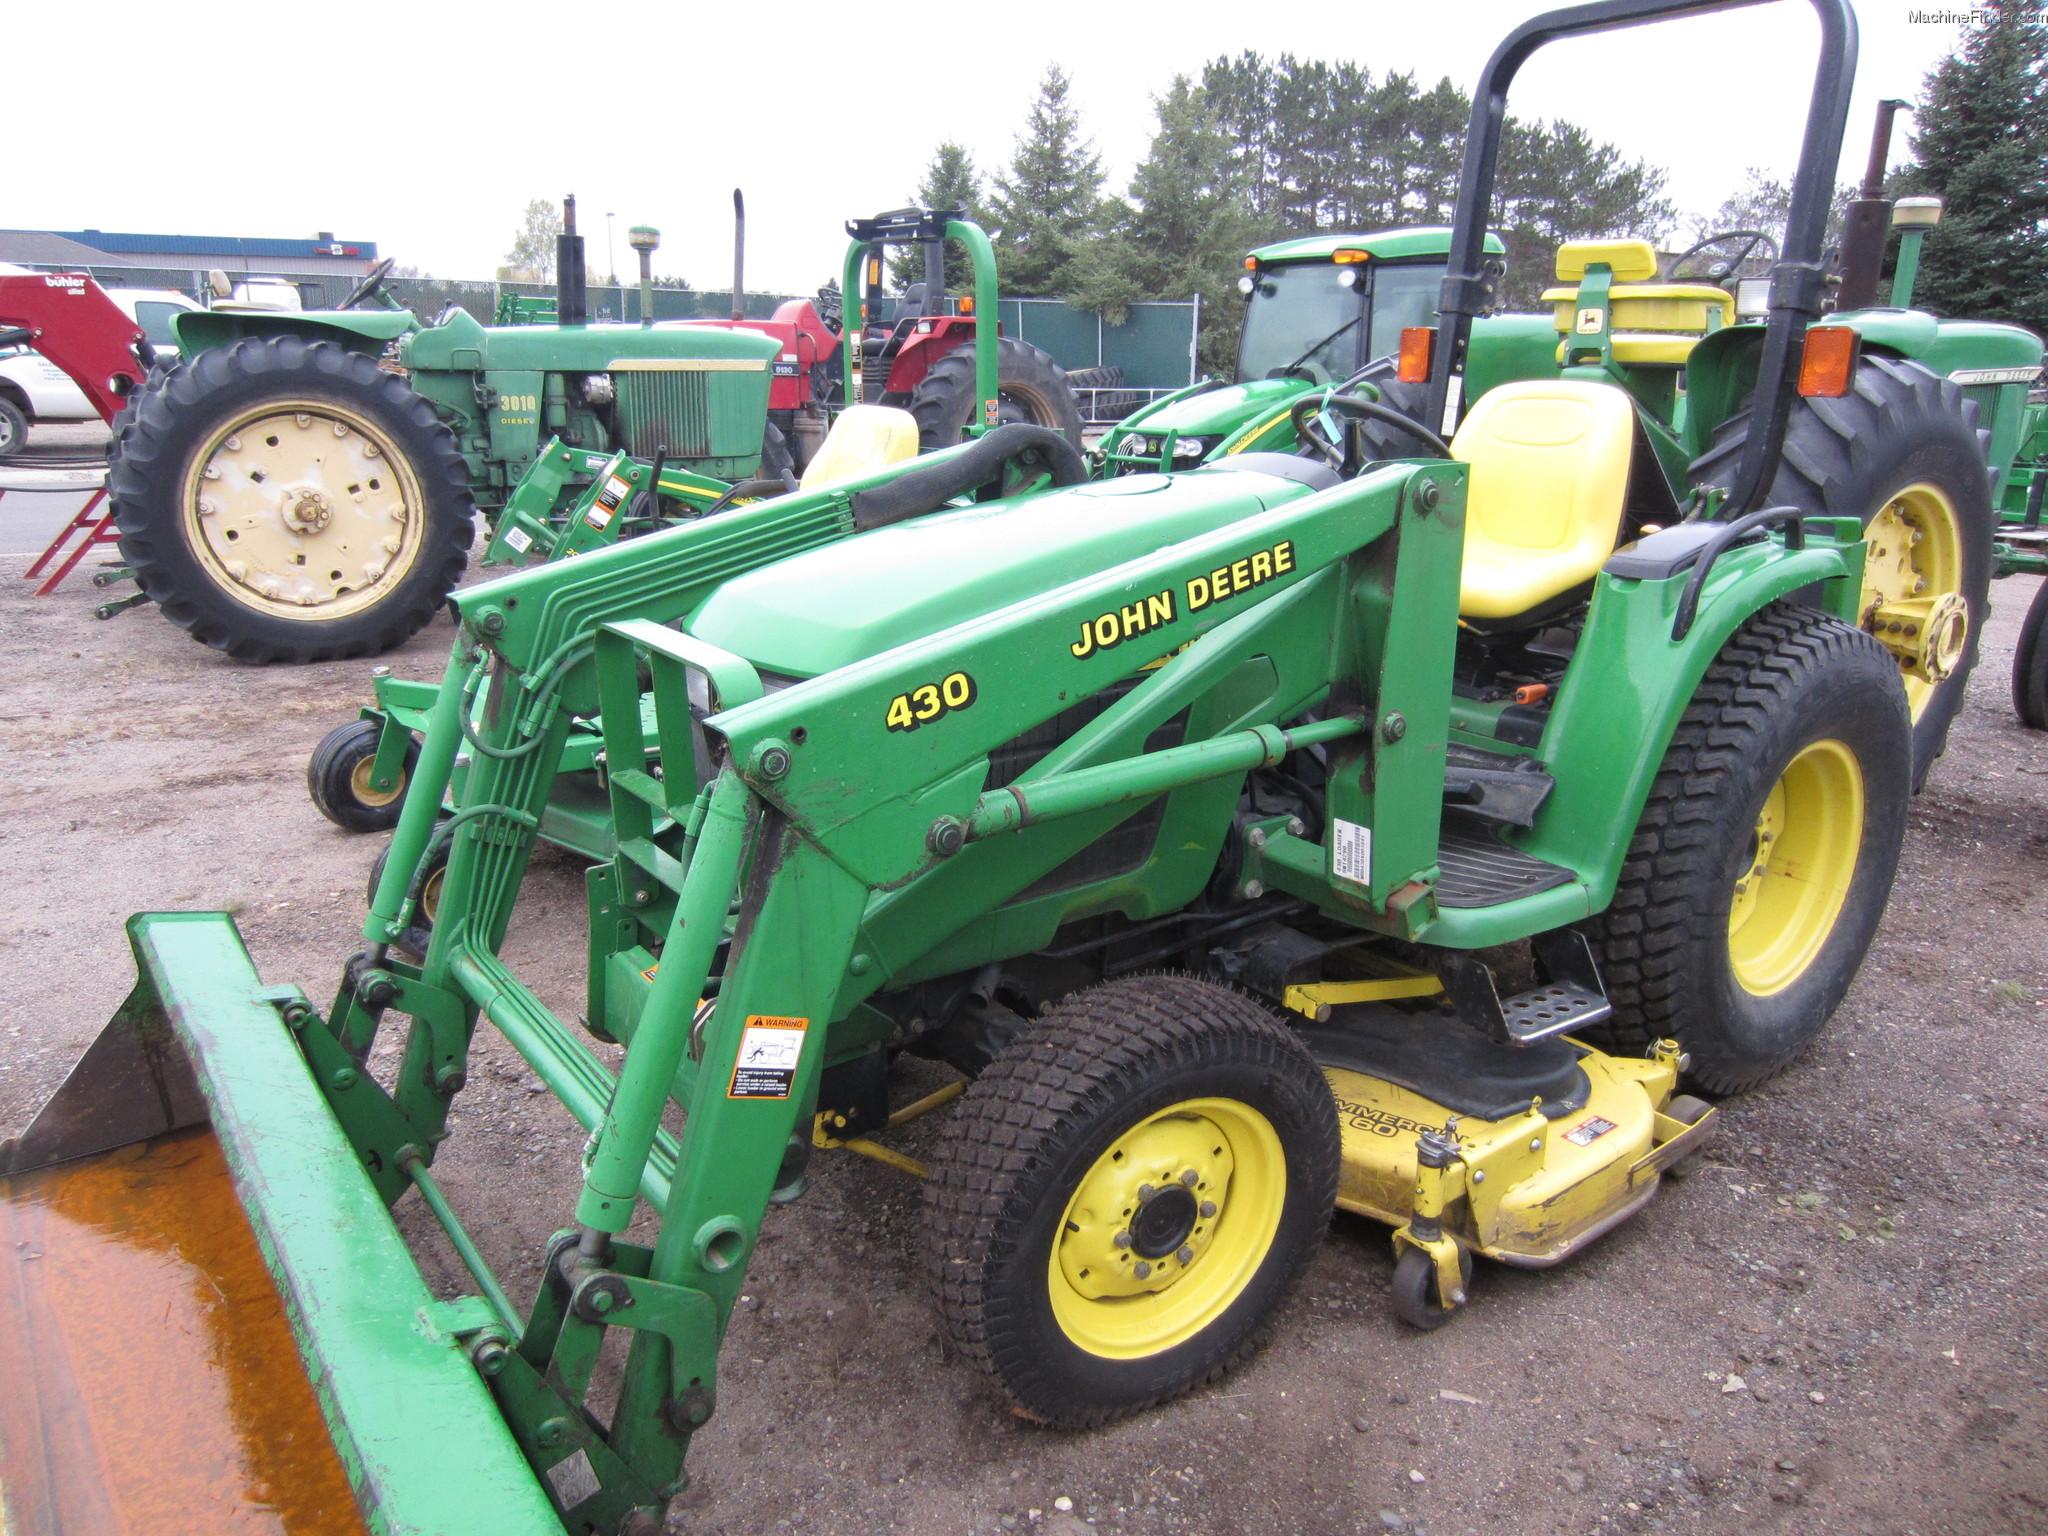 John Deere 4300 Tractors - Compact (1-40hp.) - John Deere ...